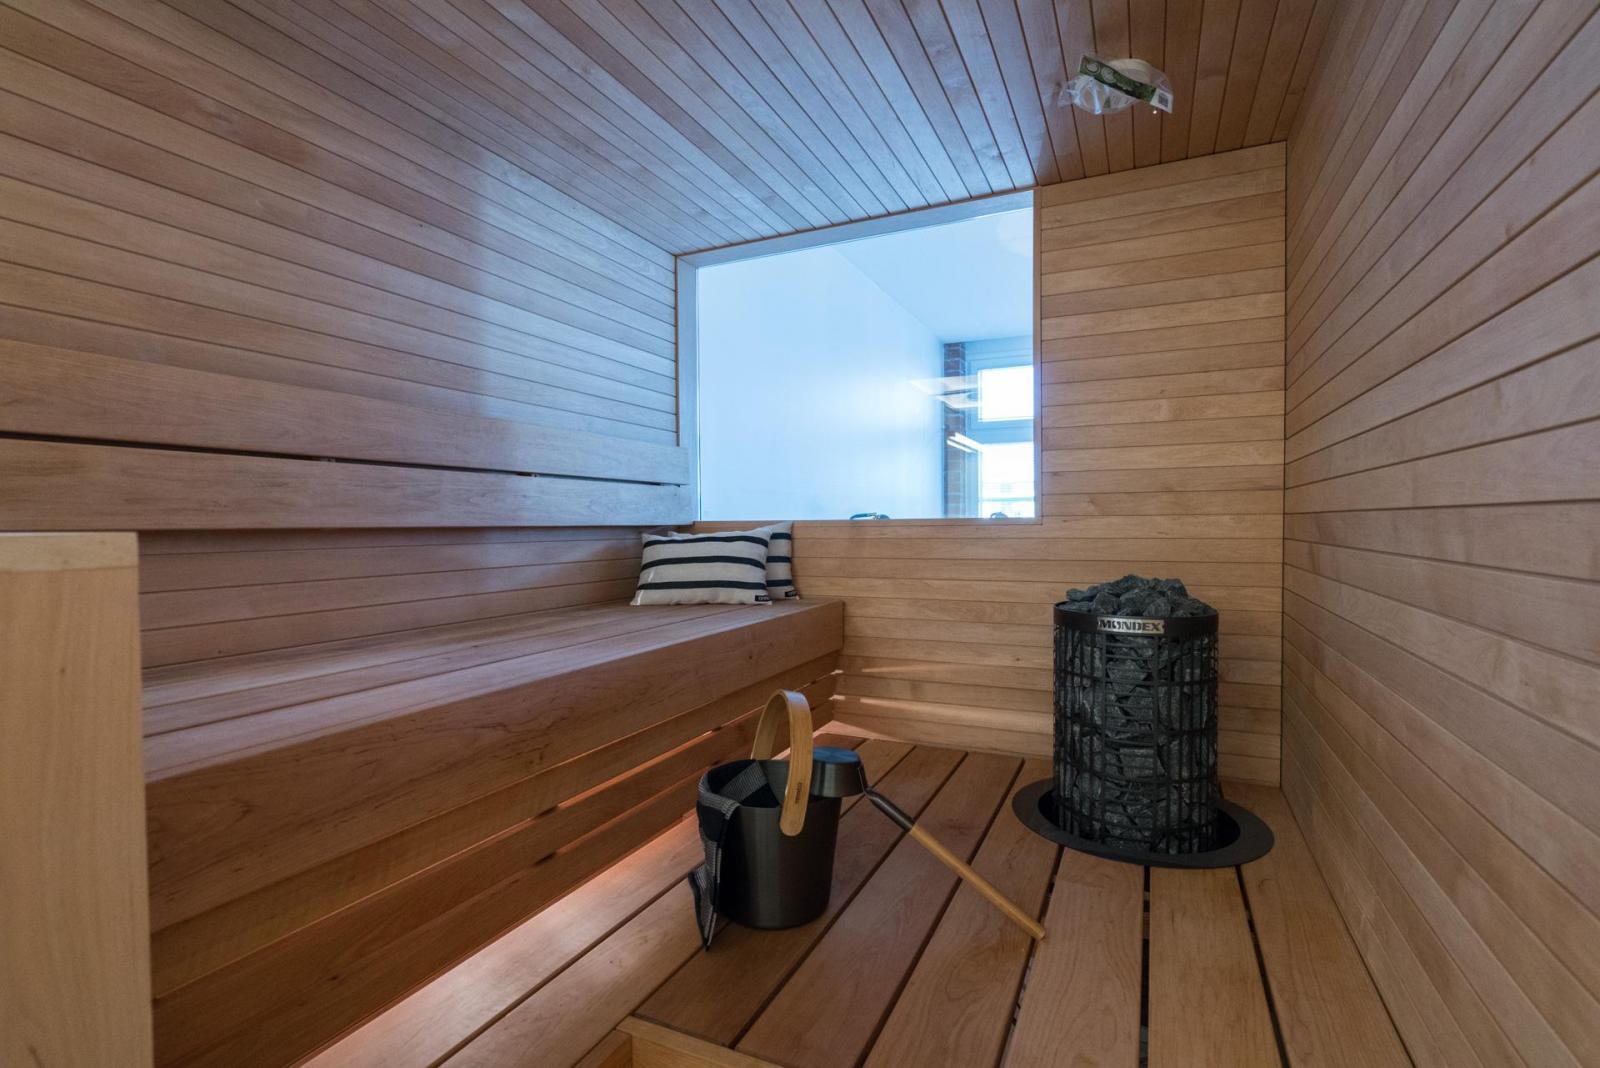 Saunaan valoa makuuhuoneen ikkunan kautta  Etuovi com Ideat & vinkit